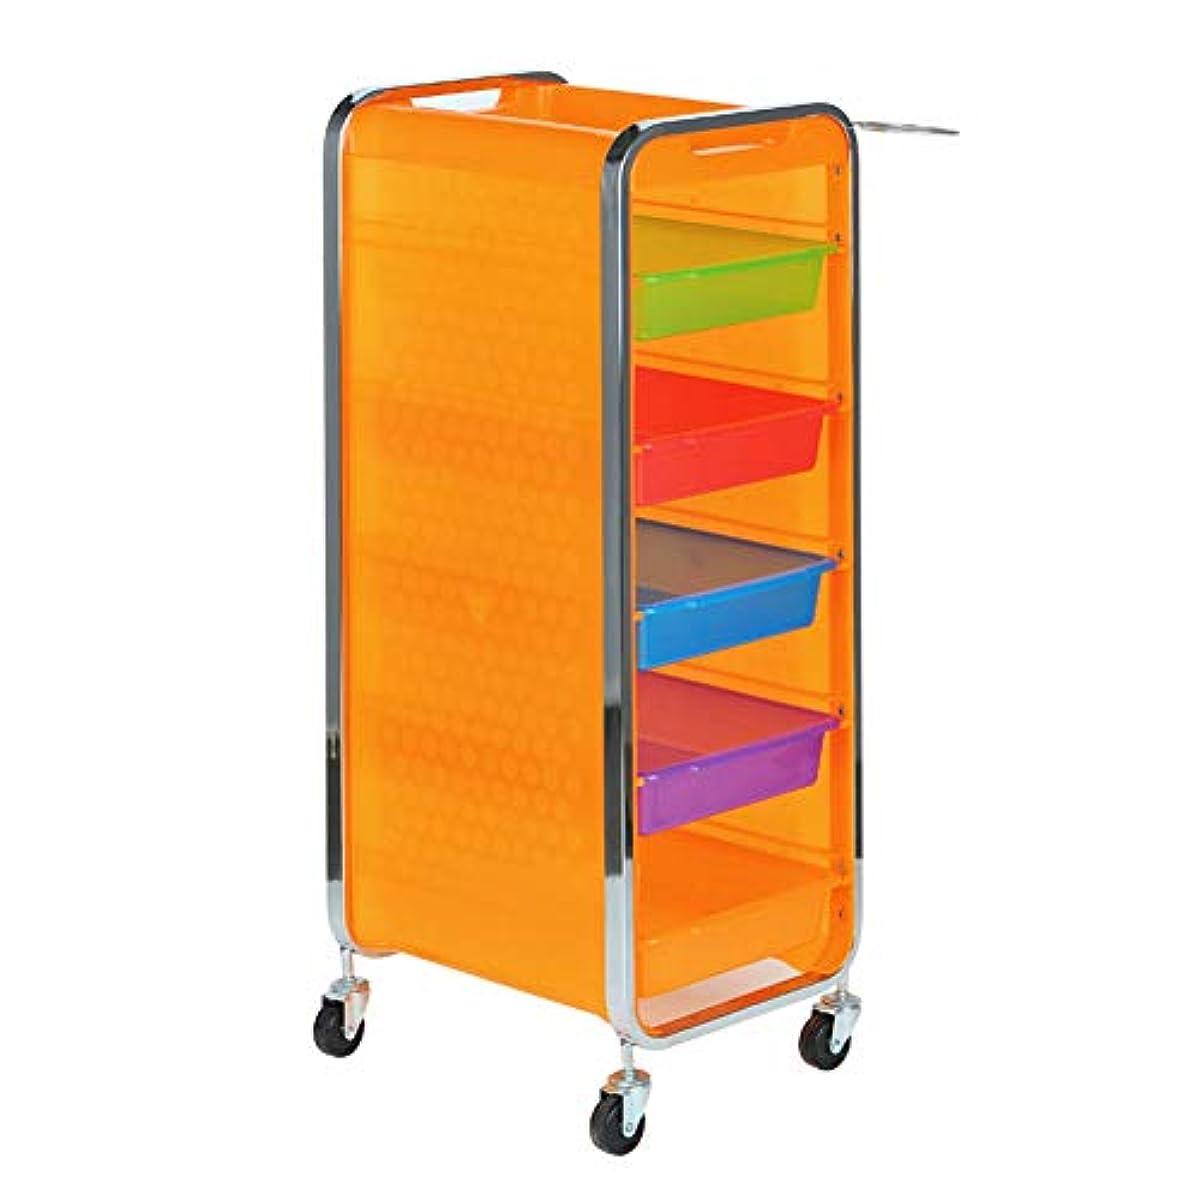 サロン美容院トロリー美容美容収納カート6層トレイ多機能引き出し虹色,Orange,B